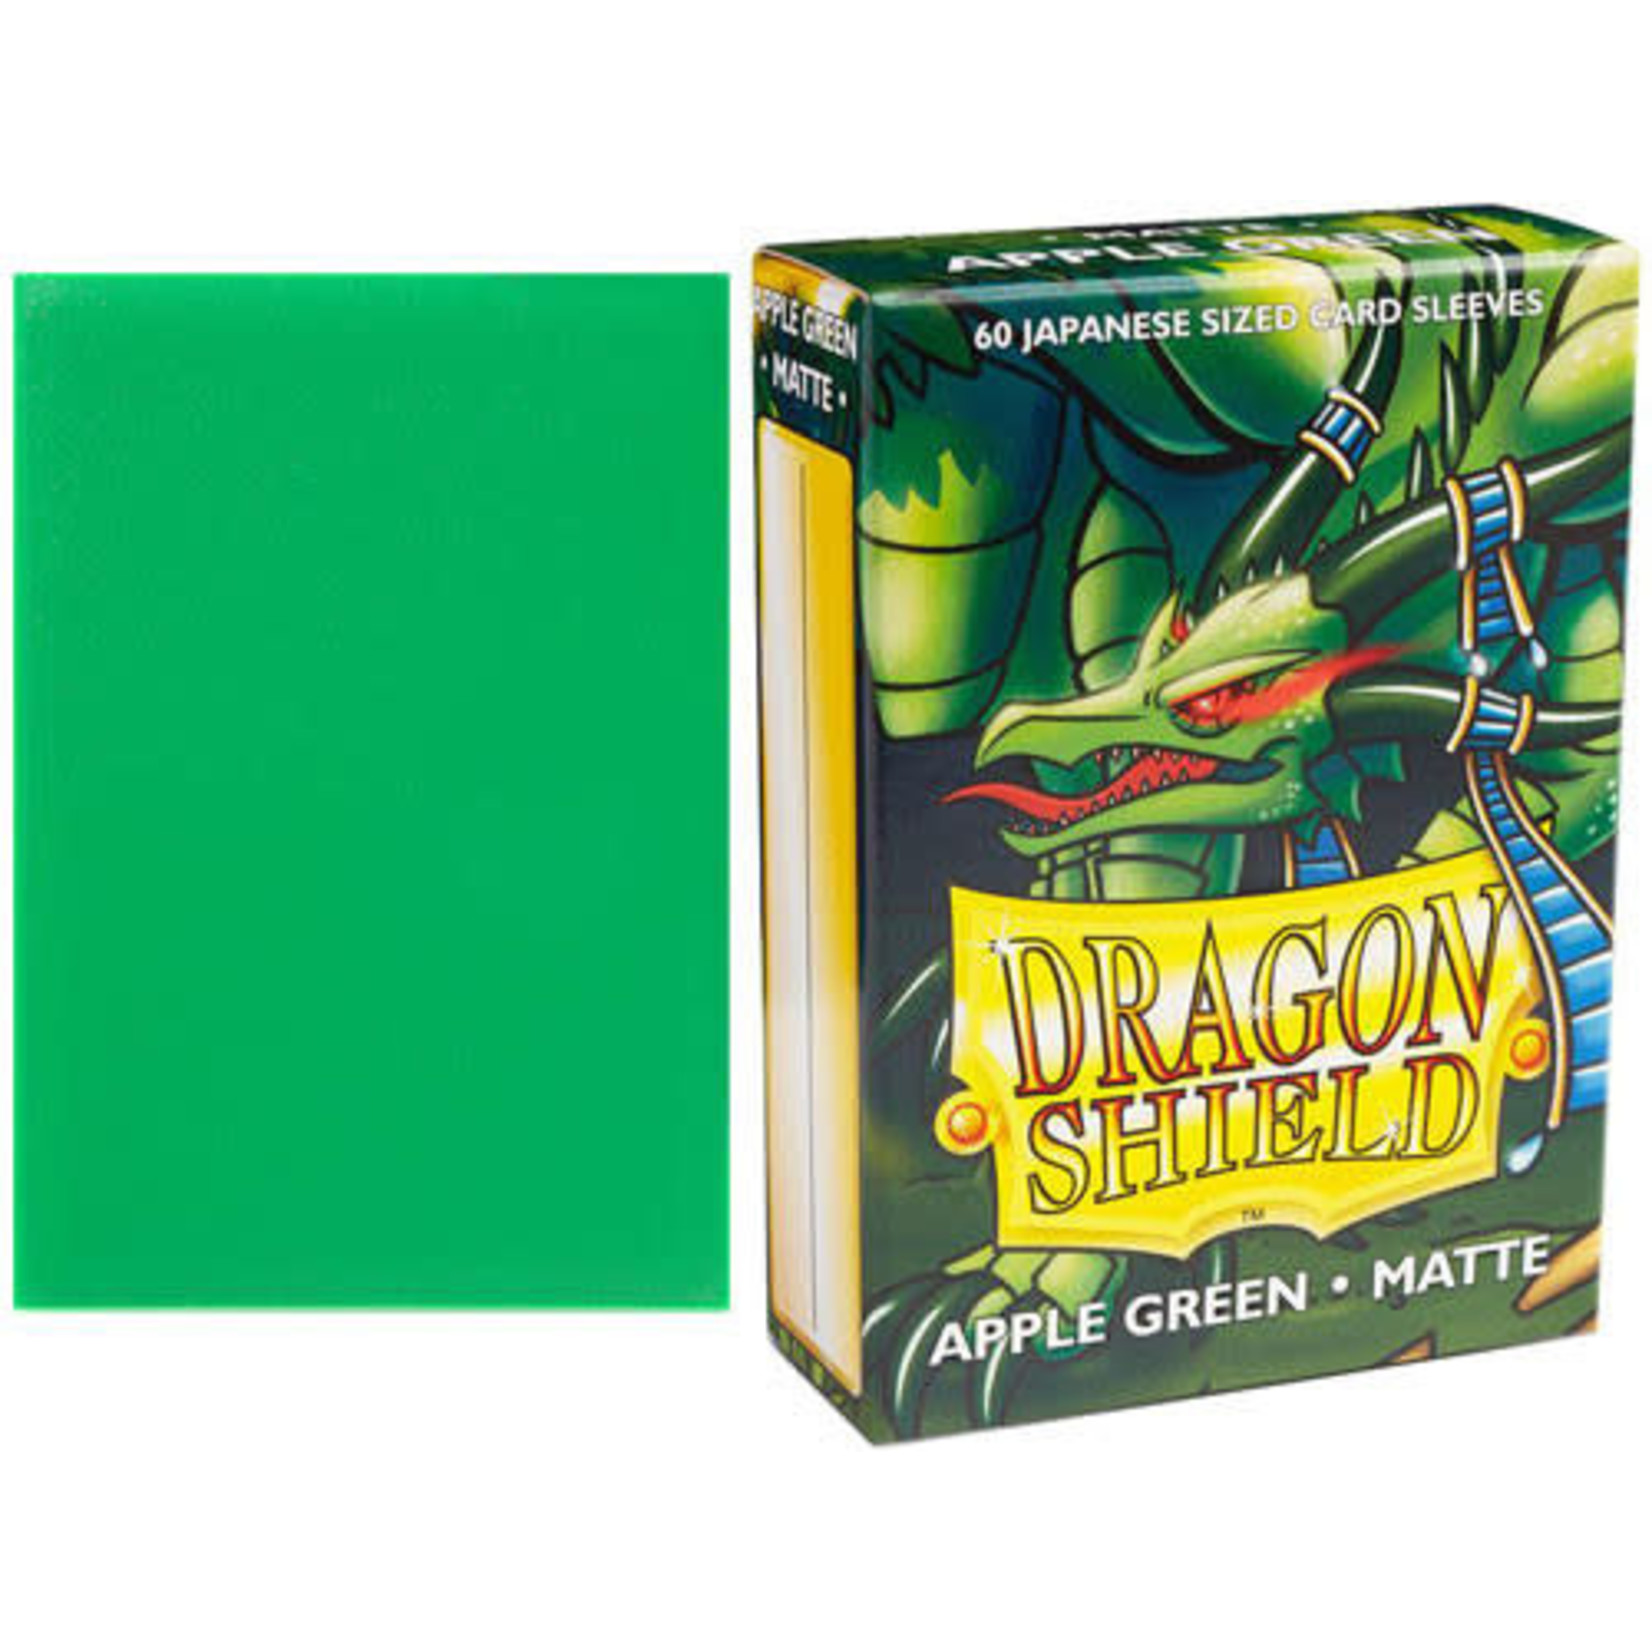 Dragon Shield Matte Apple Green (60 count) Small